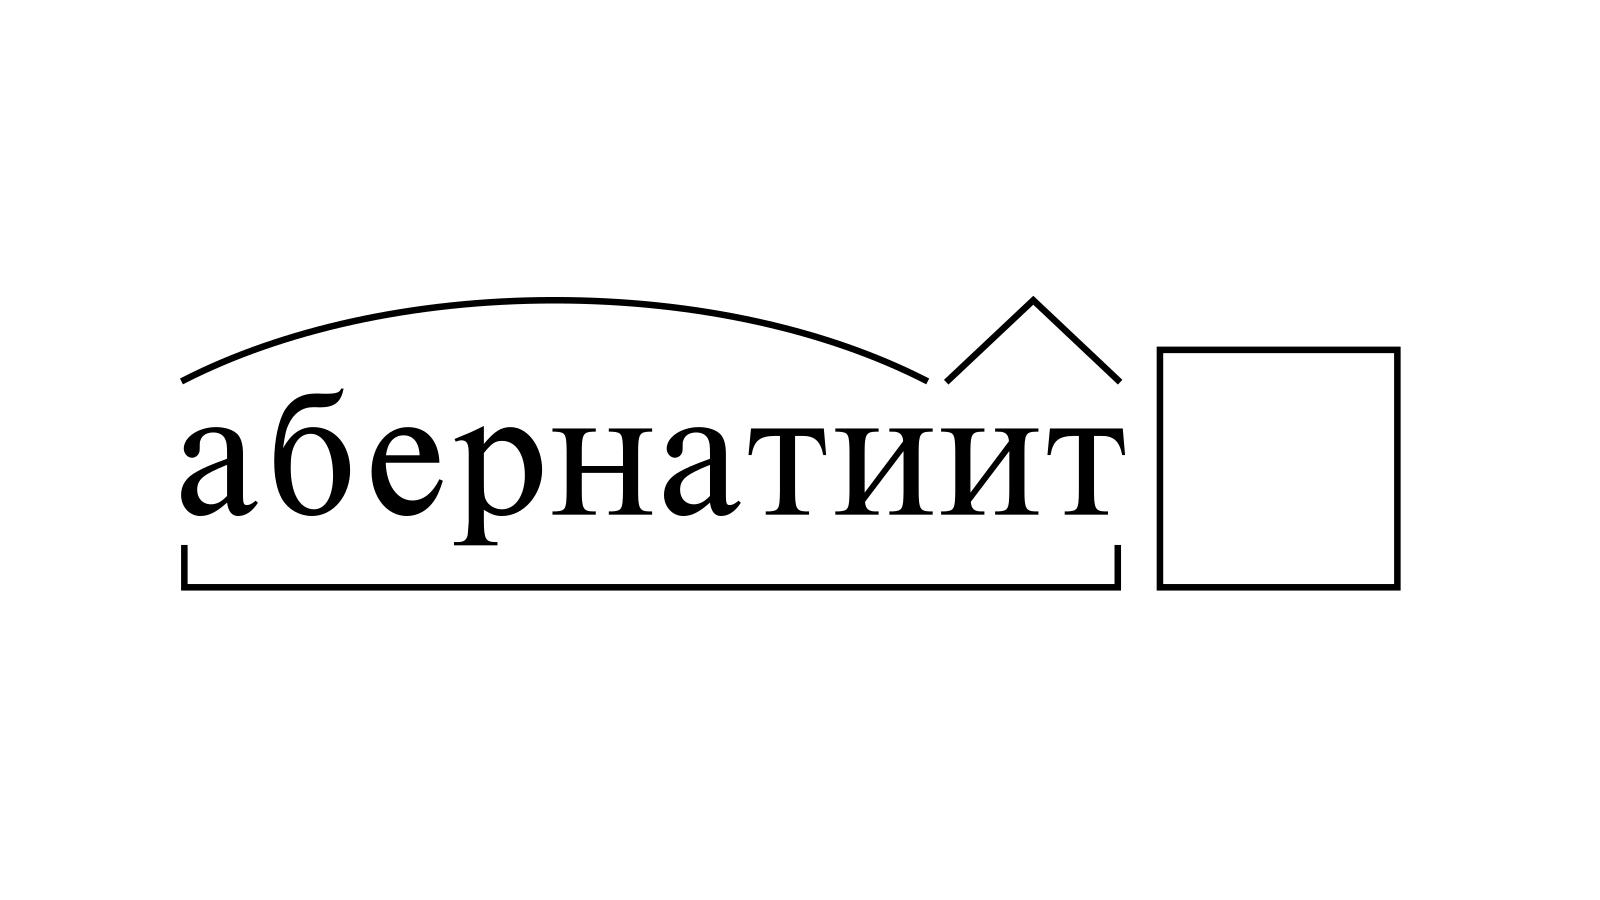 Разбор слова «абернатиит» по составу